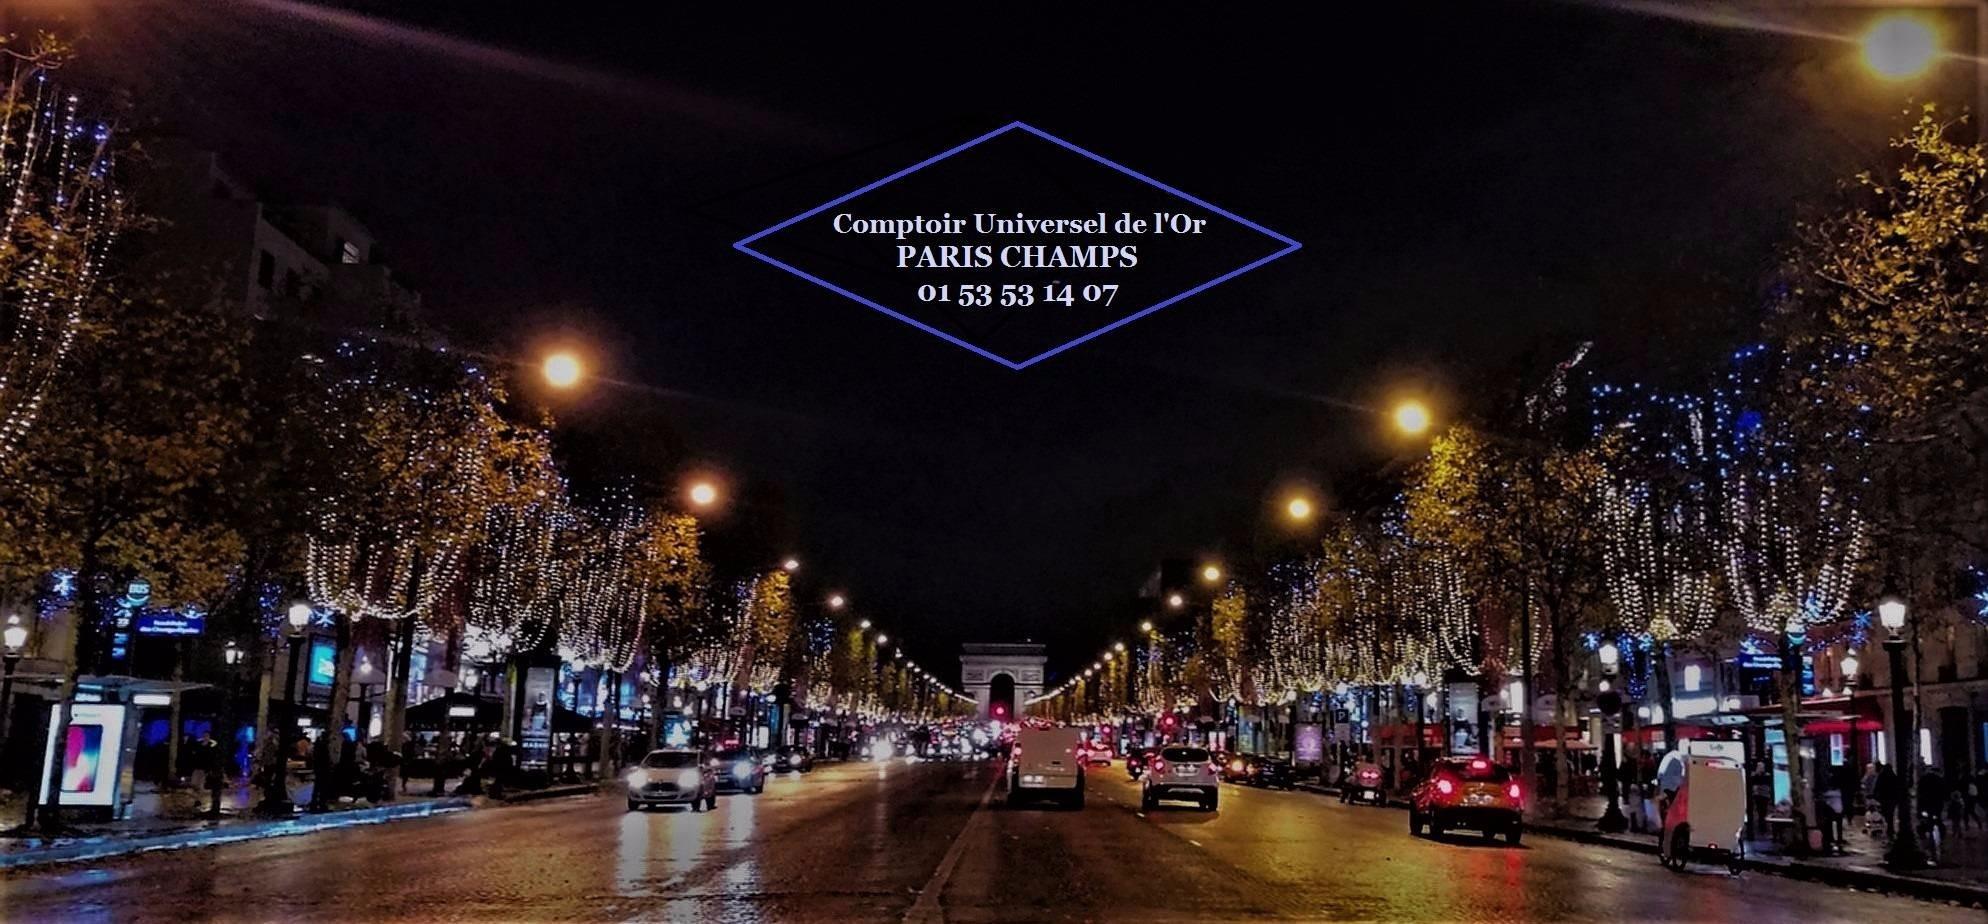 Spécial fêtes: Le Comptoir Universel de l'Or Paris et les illuminations des Champs Elysées